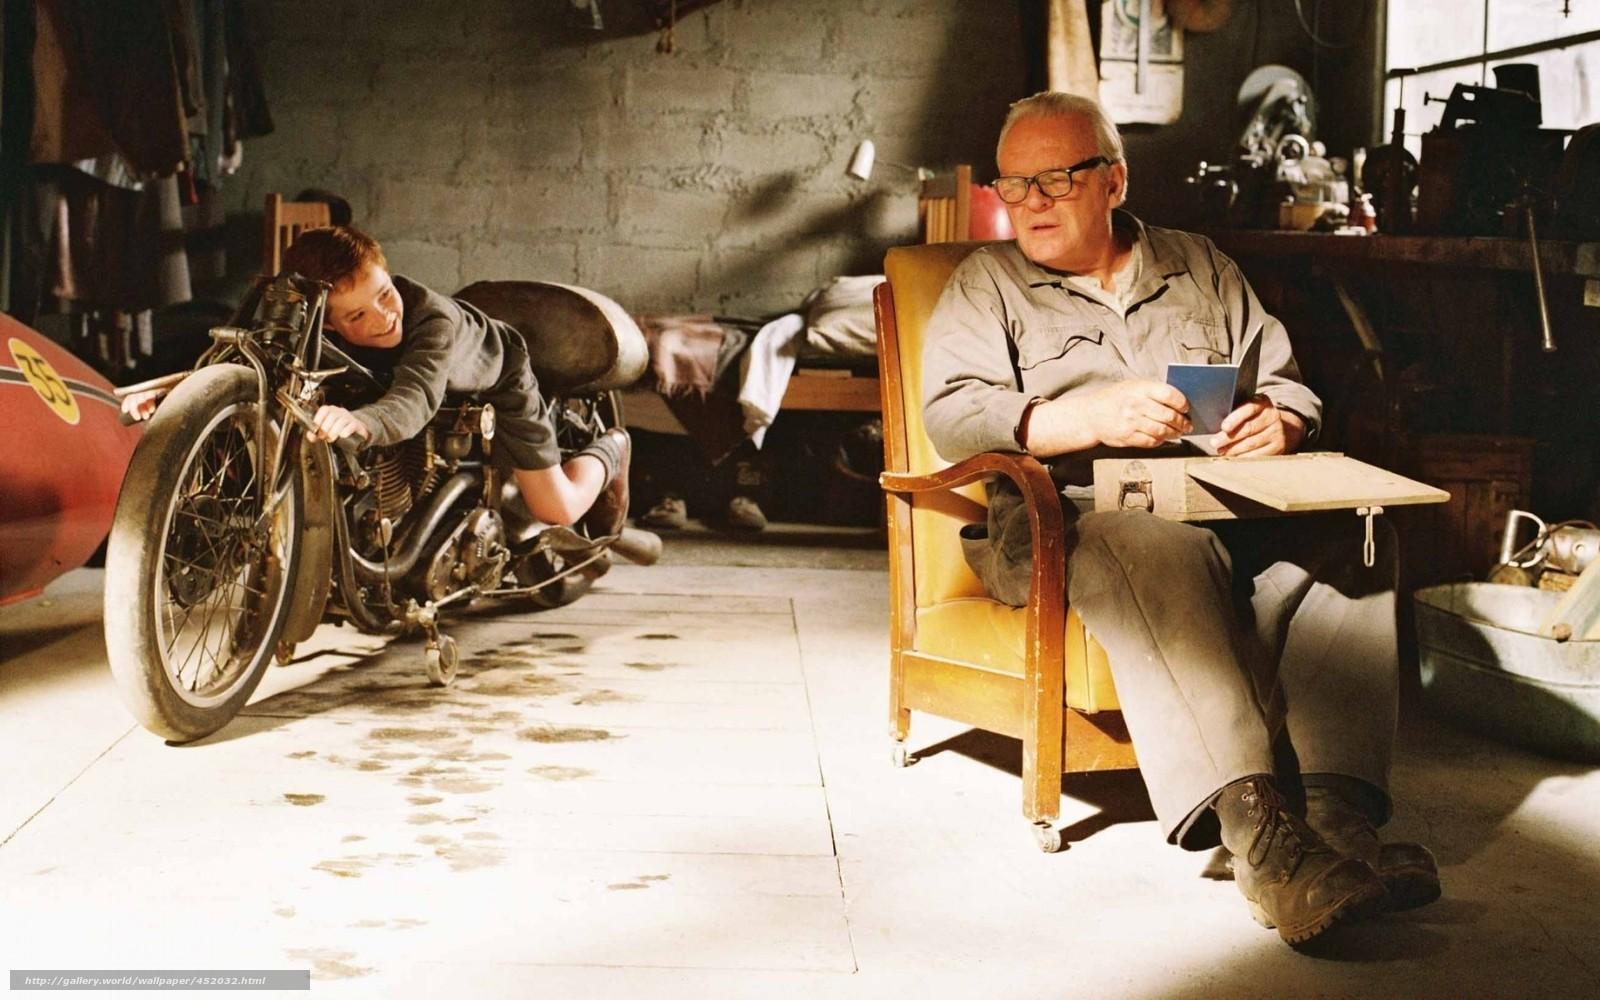 Скачать обои Энтони Хопкинс,  мужчина,  фильм,  Самый быстрый Индиан бесплатно для рабочего стола в разрешении 1680x1050 — картинка №452032